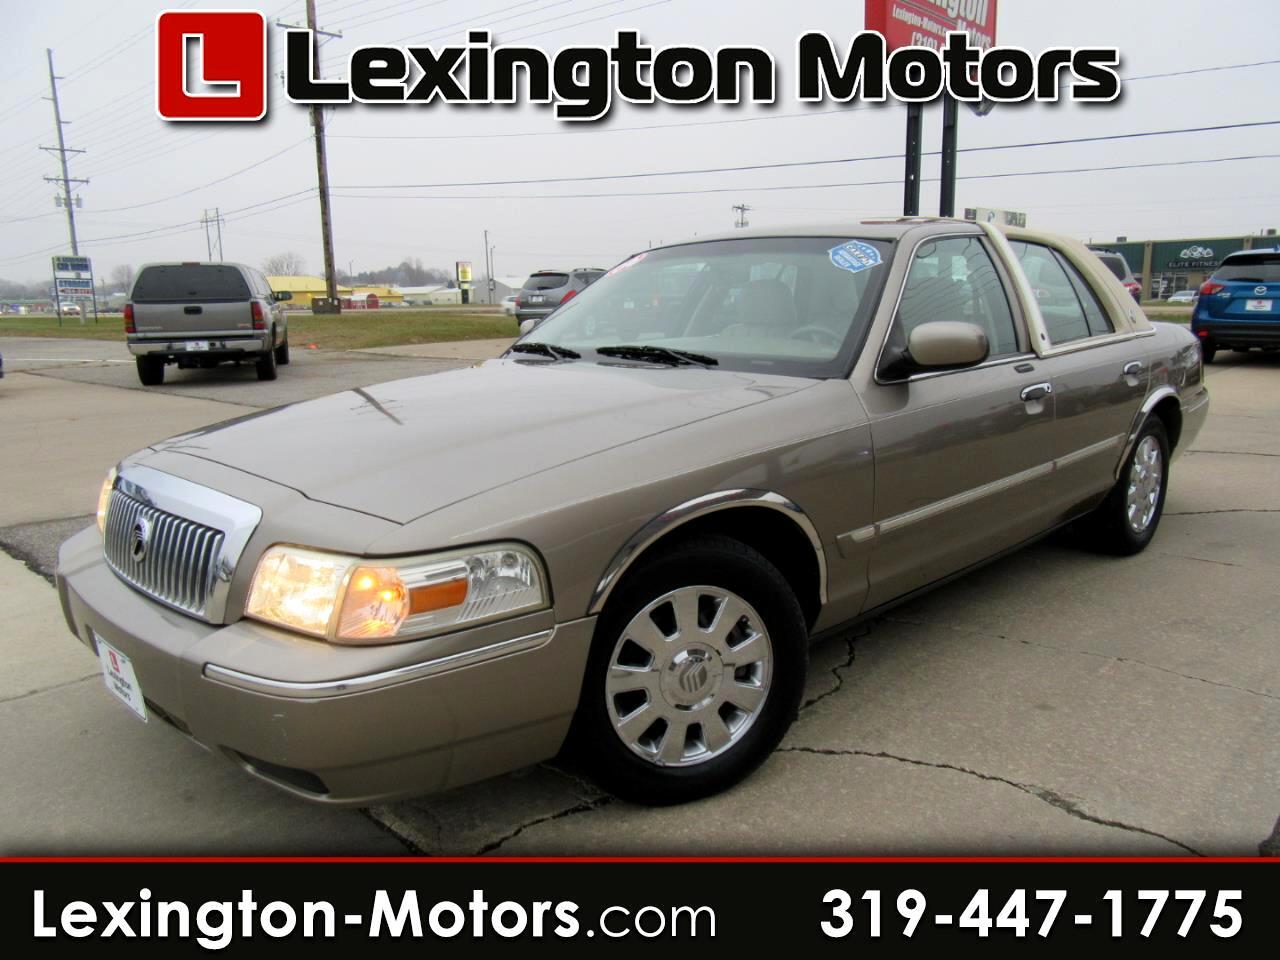 Mercury Grand Marquis LS Premium 2006